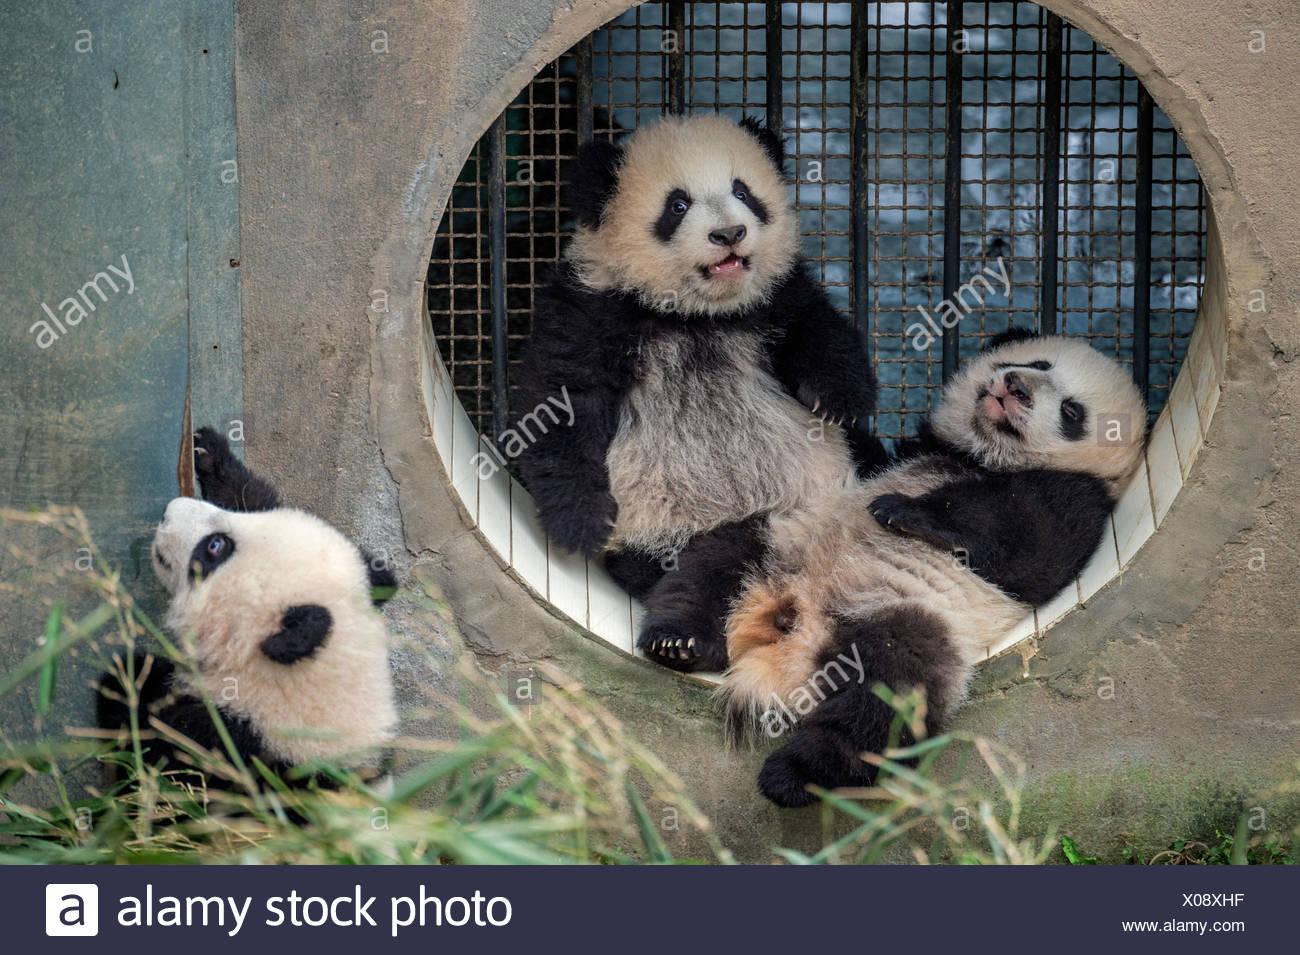 Drei riesige Baby Panda jungen durch eine alleinerziehende Mutter im Bifengxia Giant Panda Breeding and Research Center erhoben. Stockbild